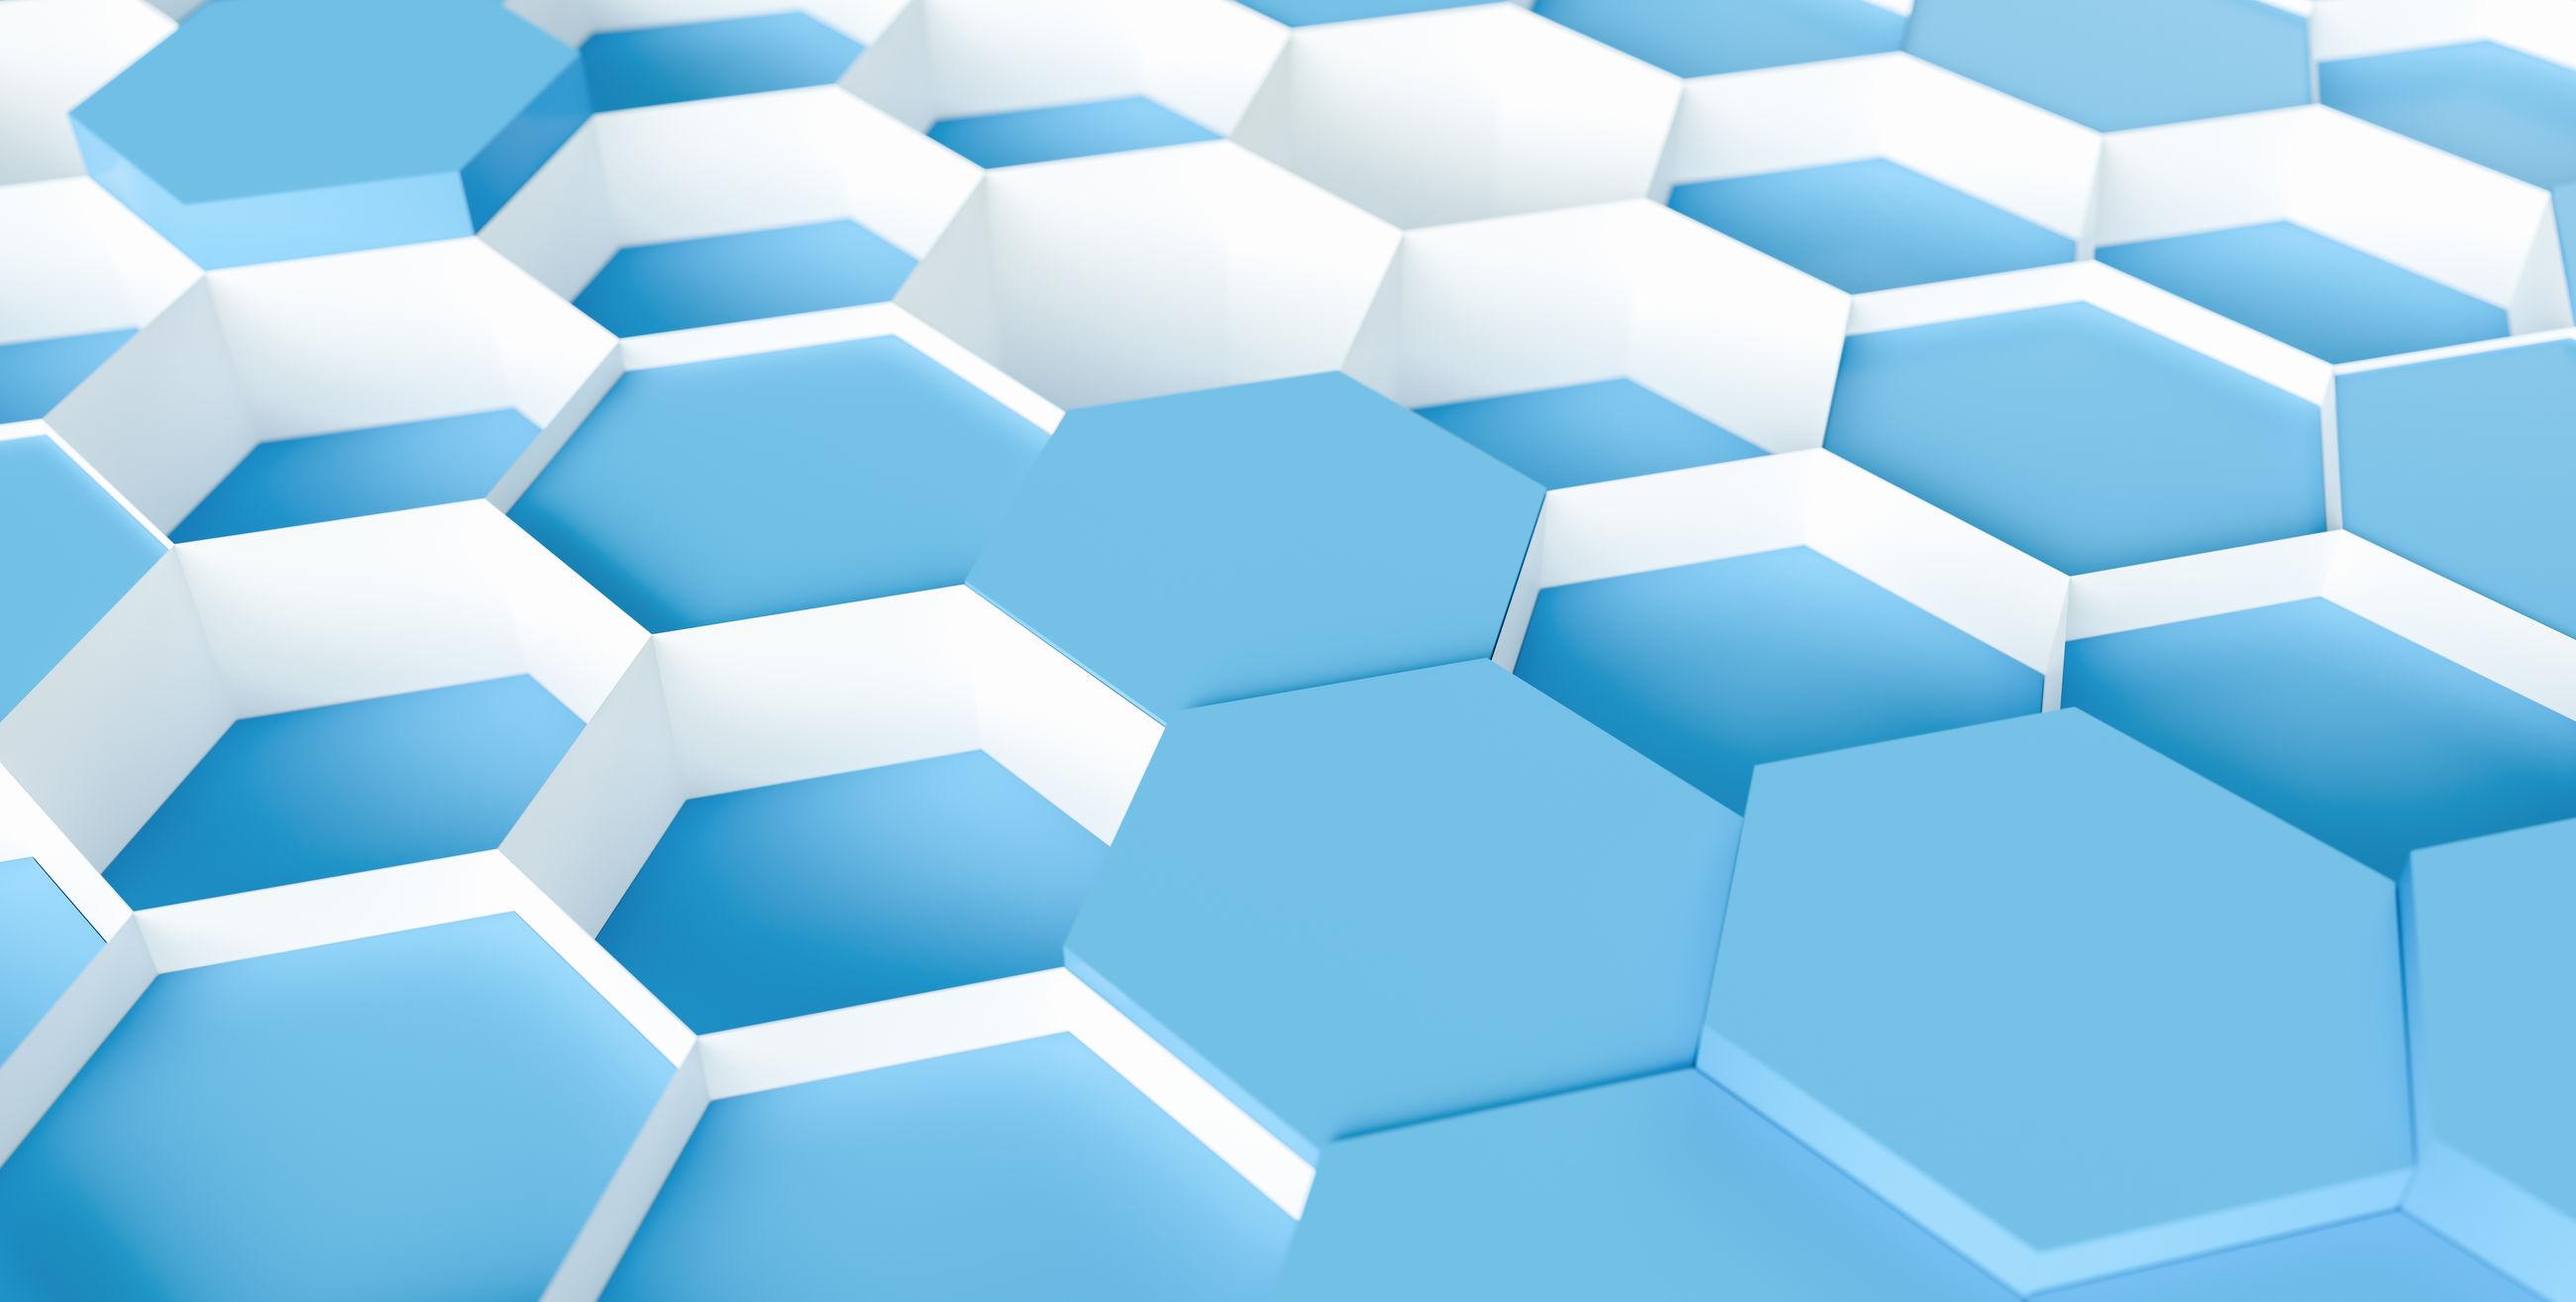 Full frame shot of blue hexagon shape